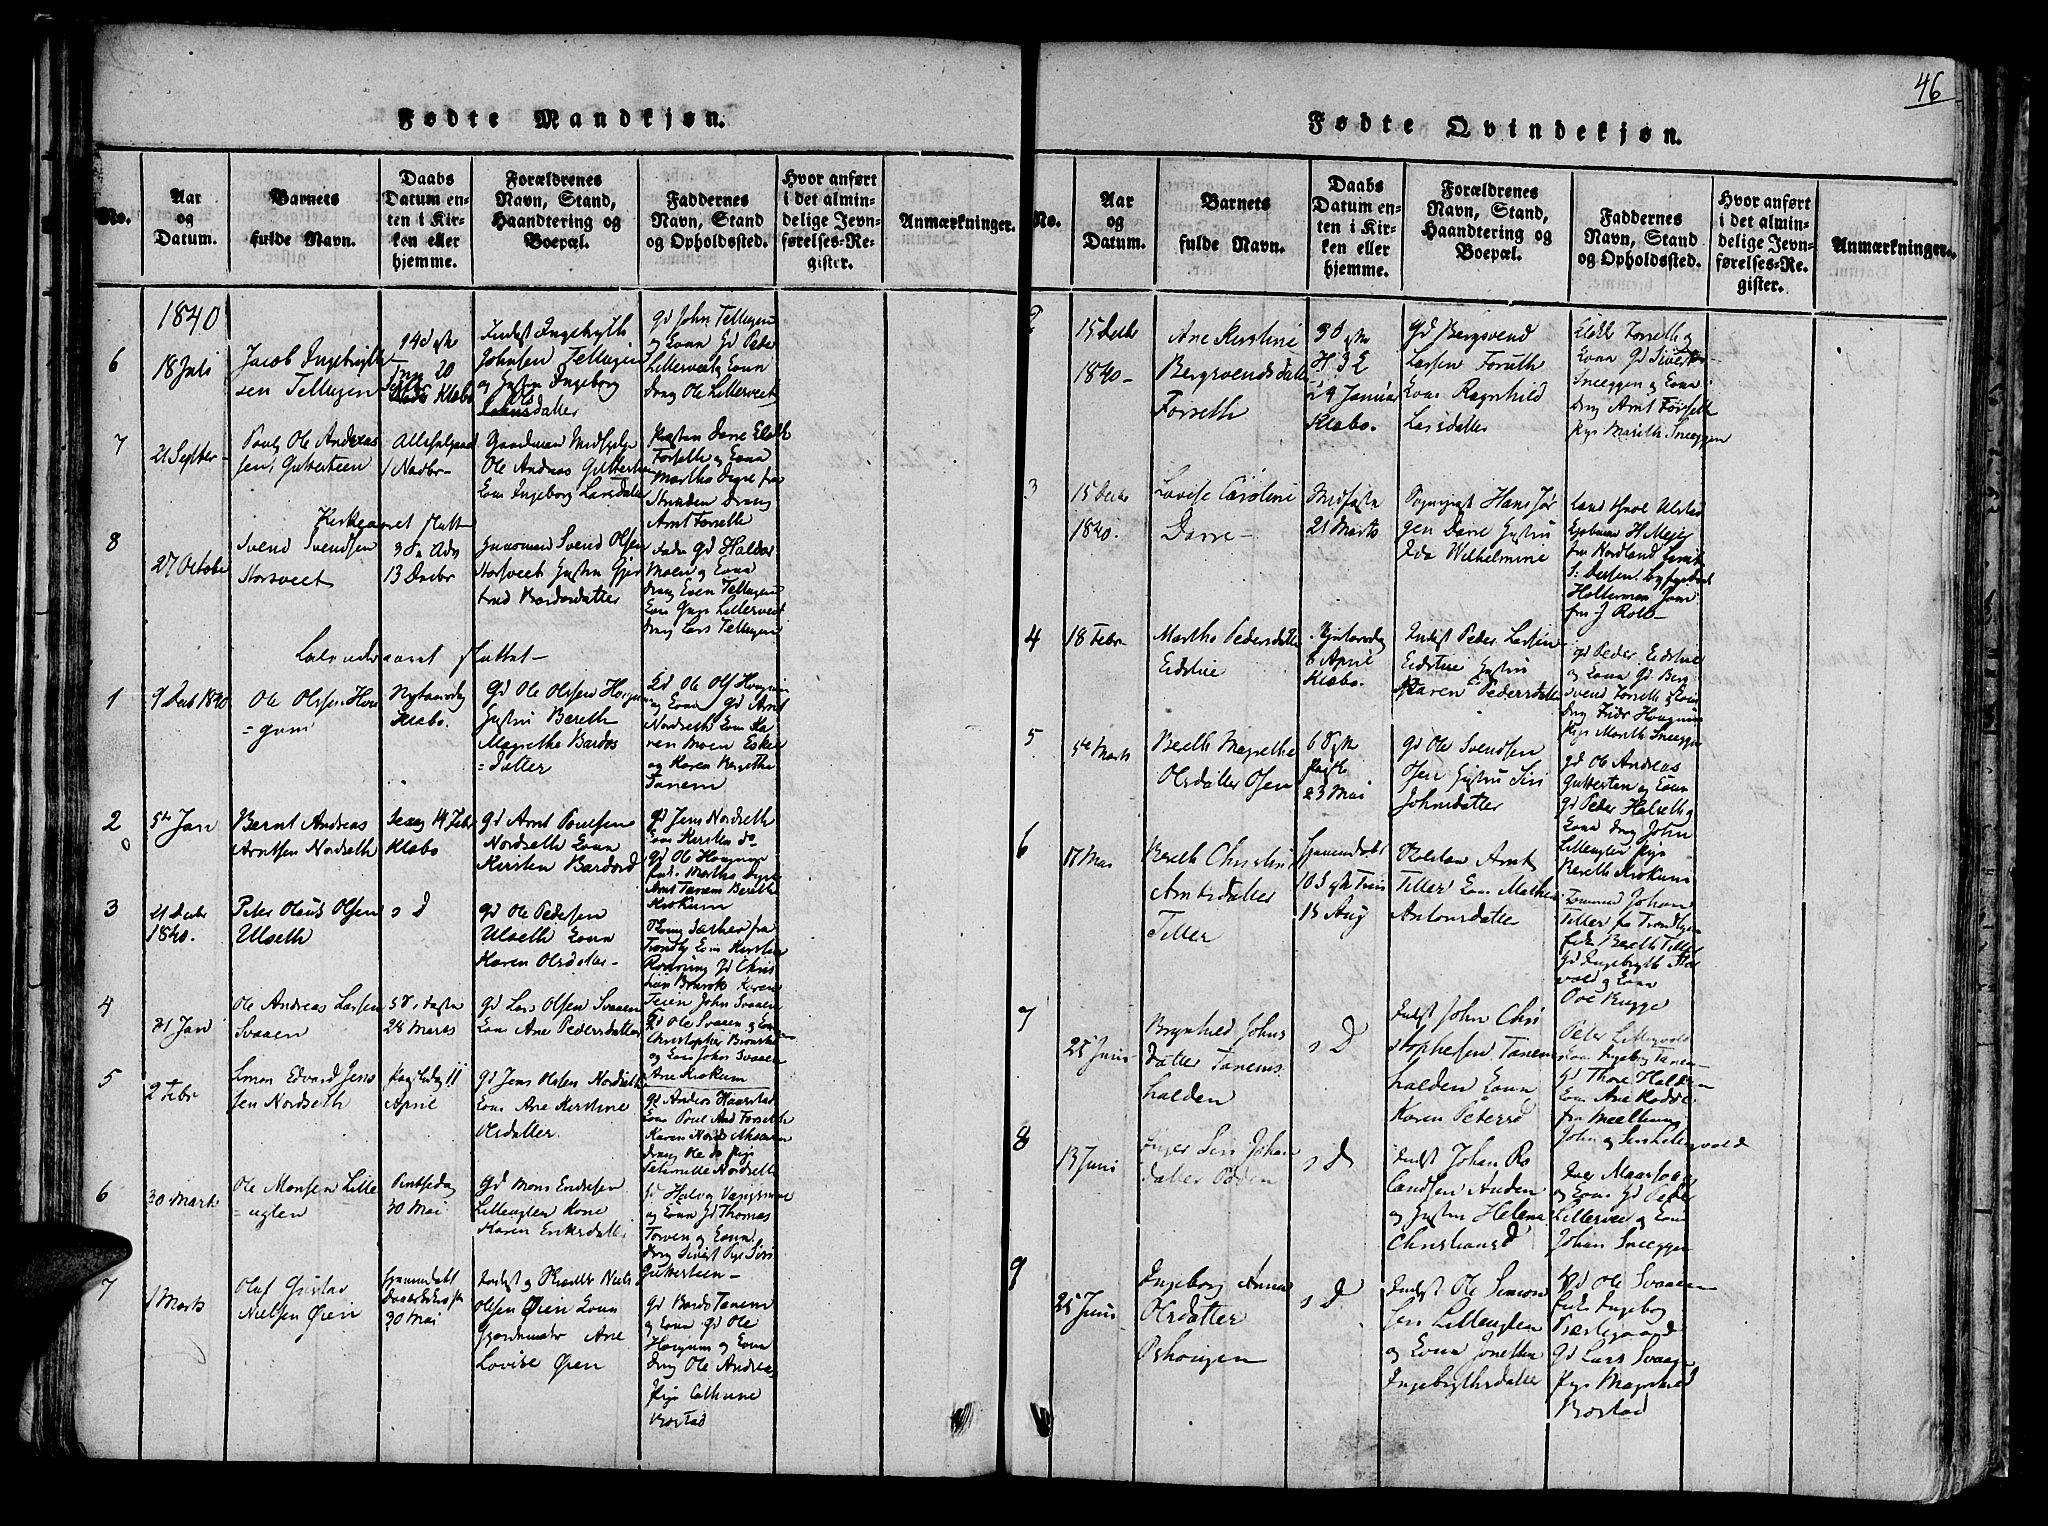 SAT, Ministerialprotokoller, klokkerbøker og fødselsregistre - Sør-Trøndelag, 618/L0439: Ministerialbok nr. 618A04 /1, 1816-1843, s. 46